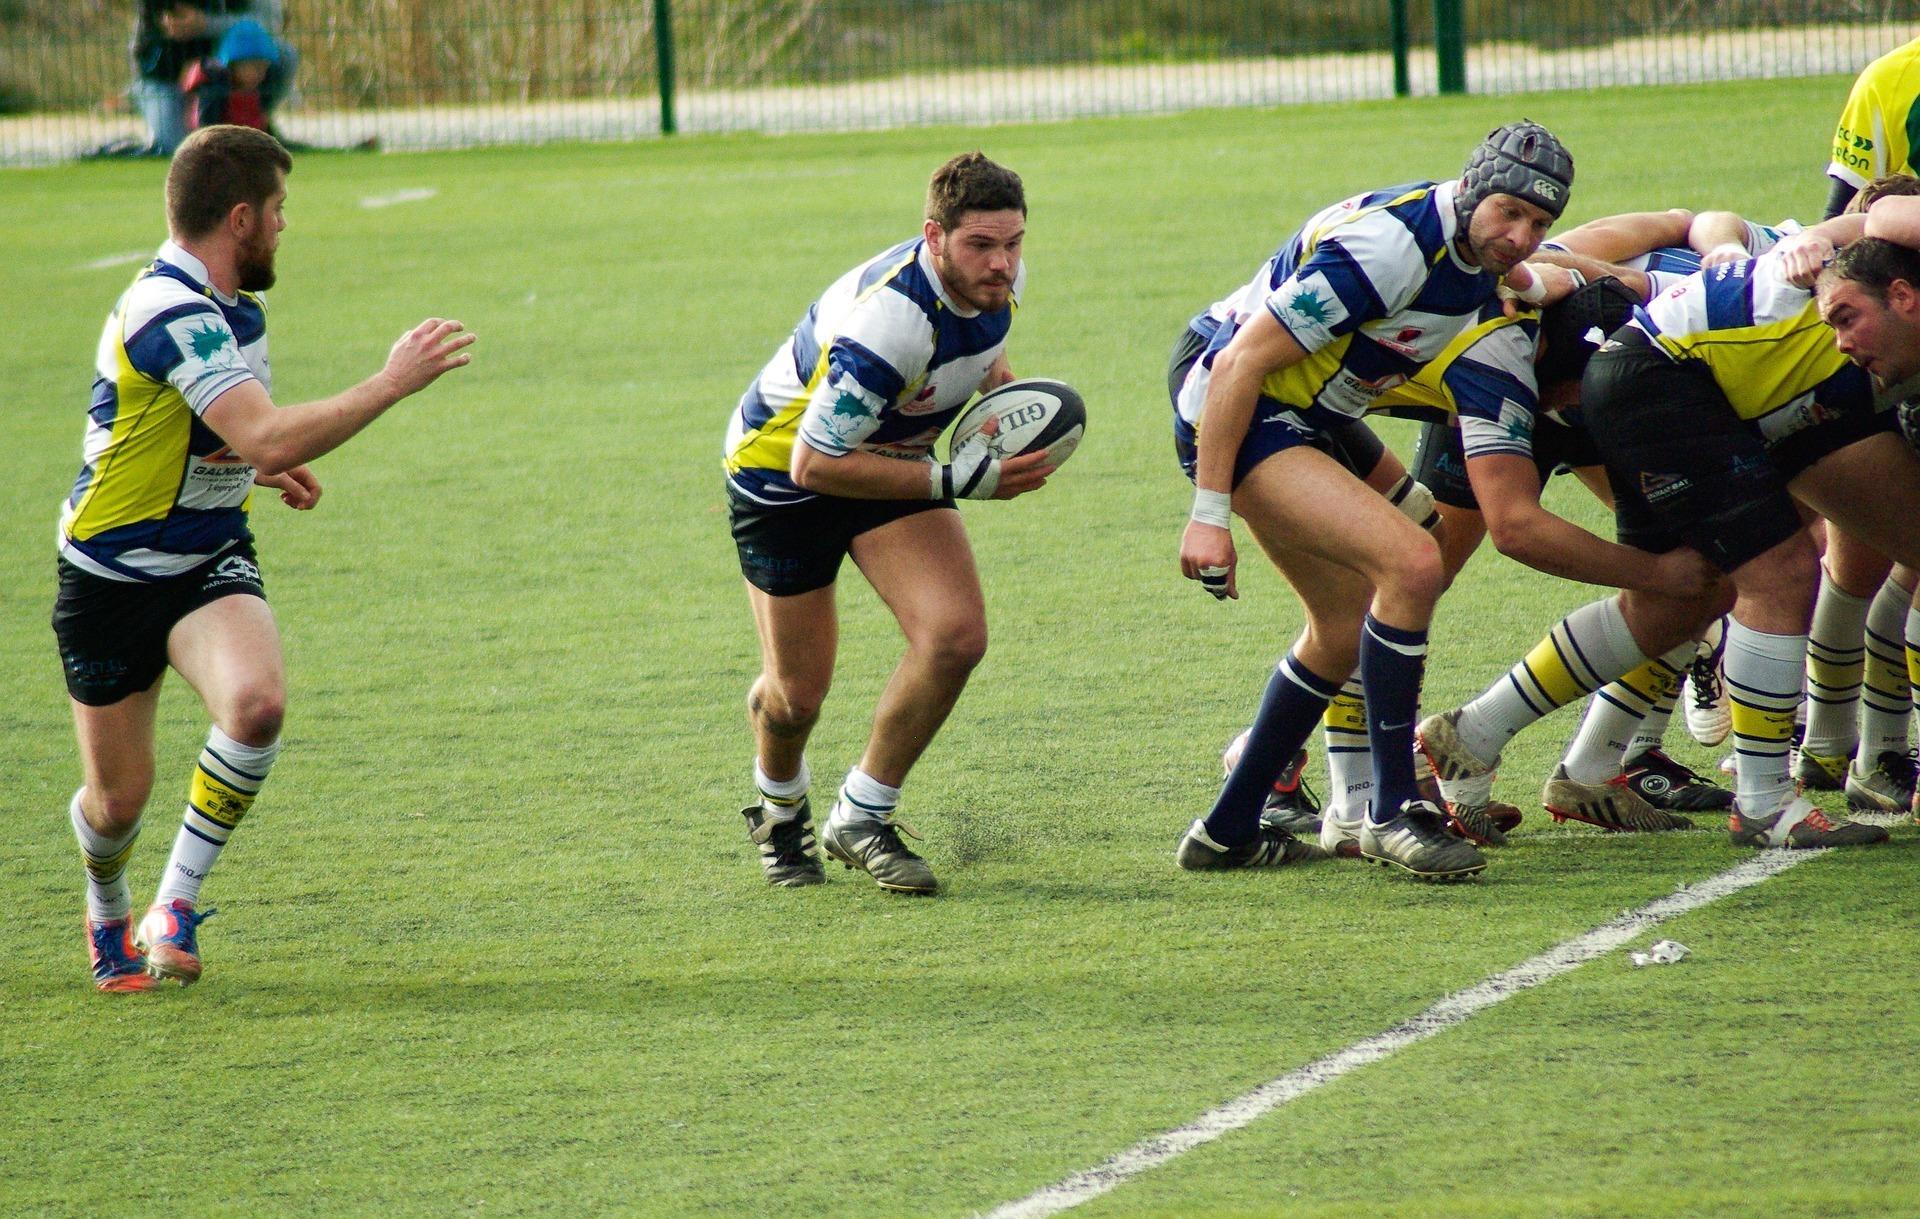 Rugby TГјbingen